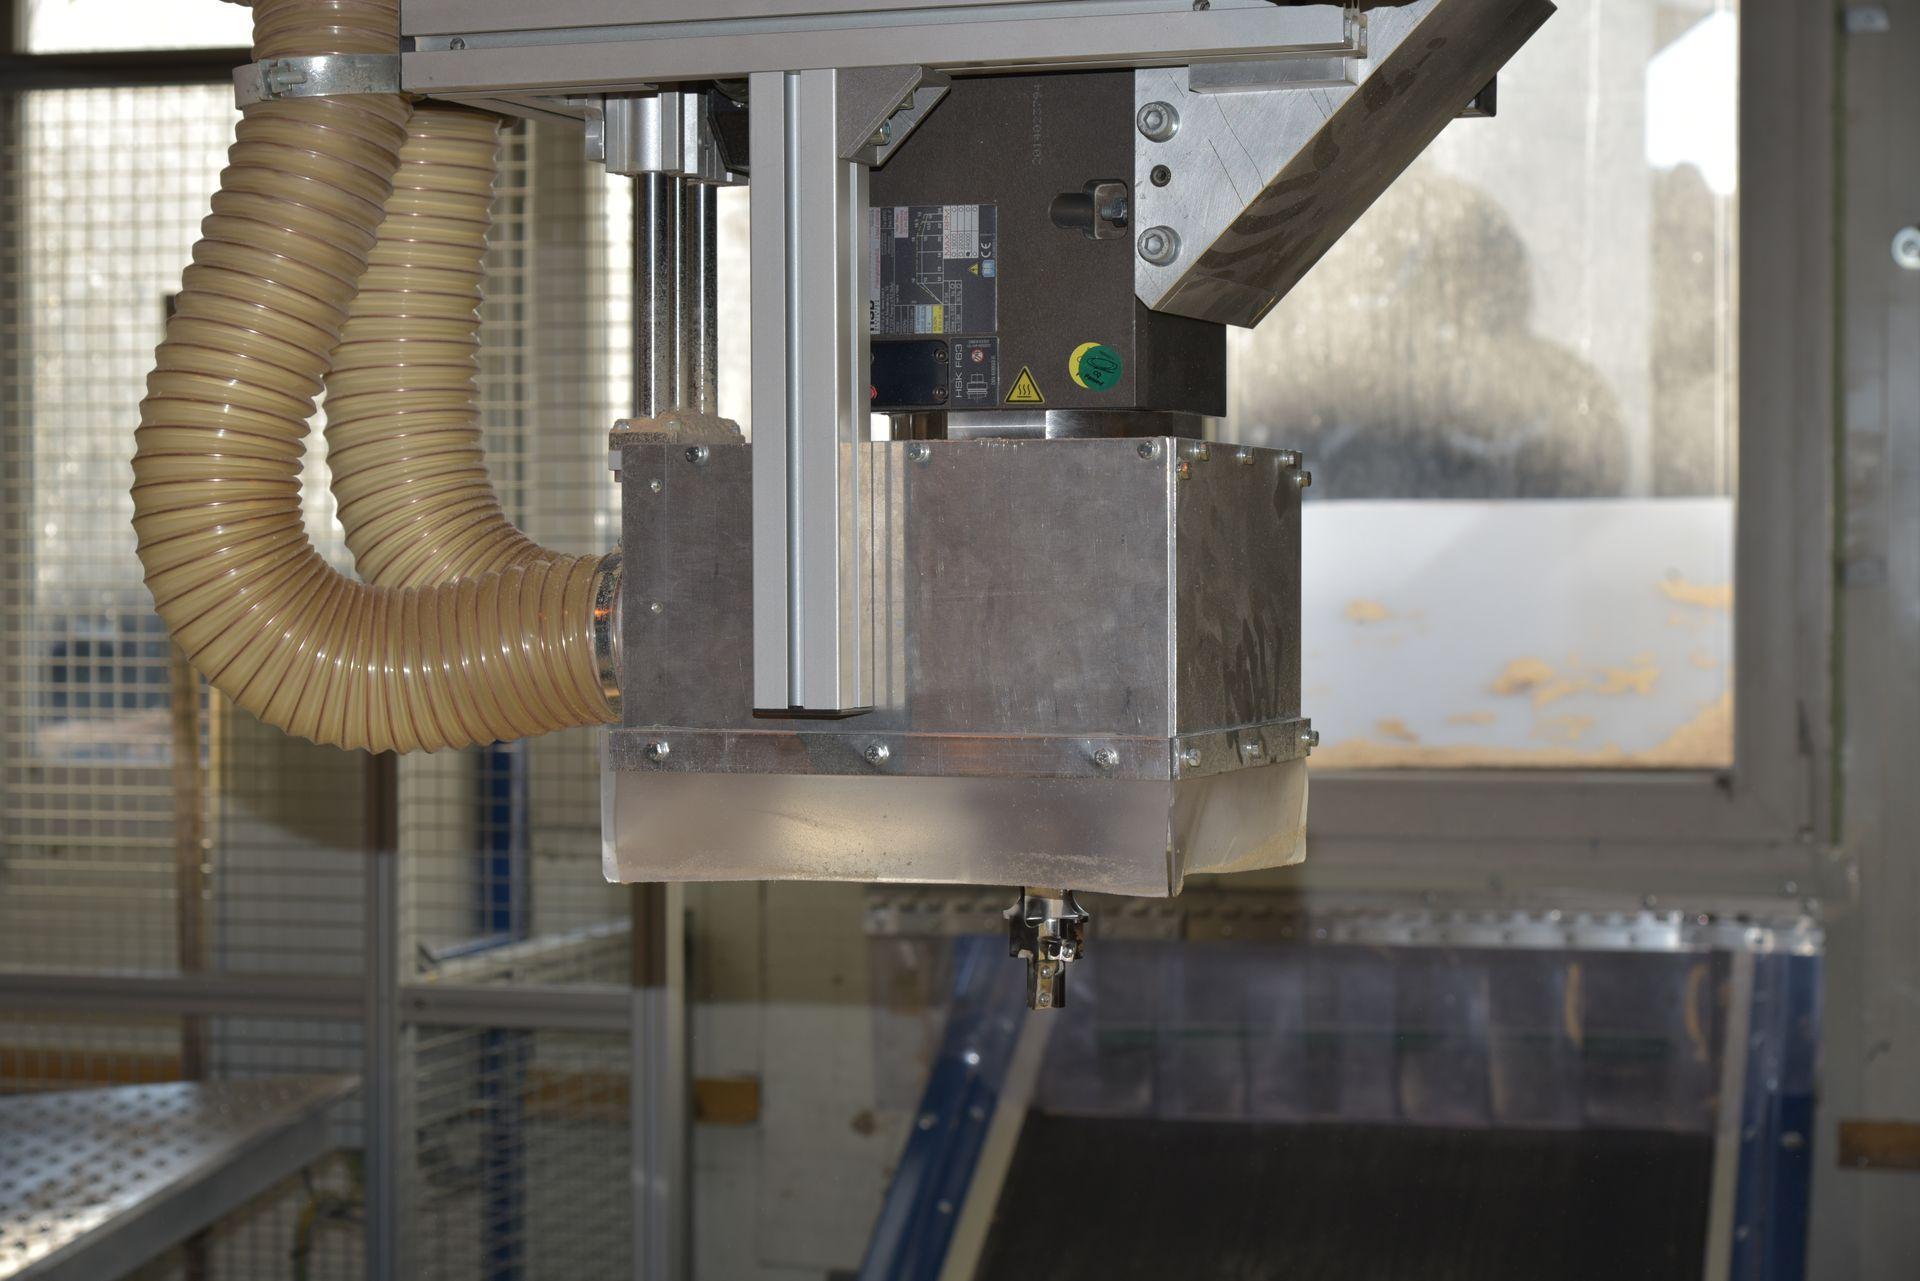 Frézovanie otvorov či dier do rôznych materiálov bez akýchkoľvek chýb pri únave či vyčerpaniu personálu